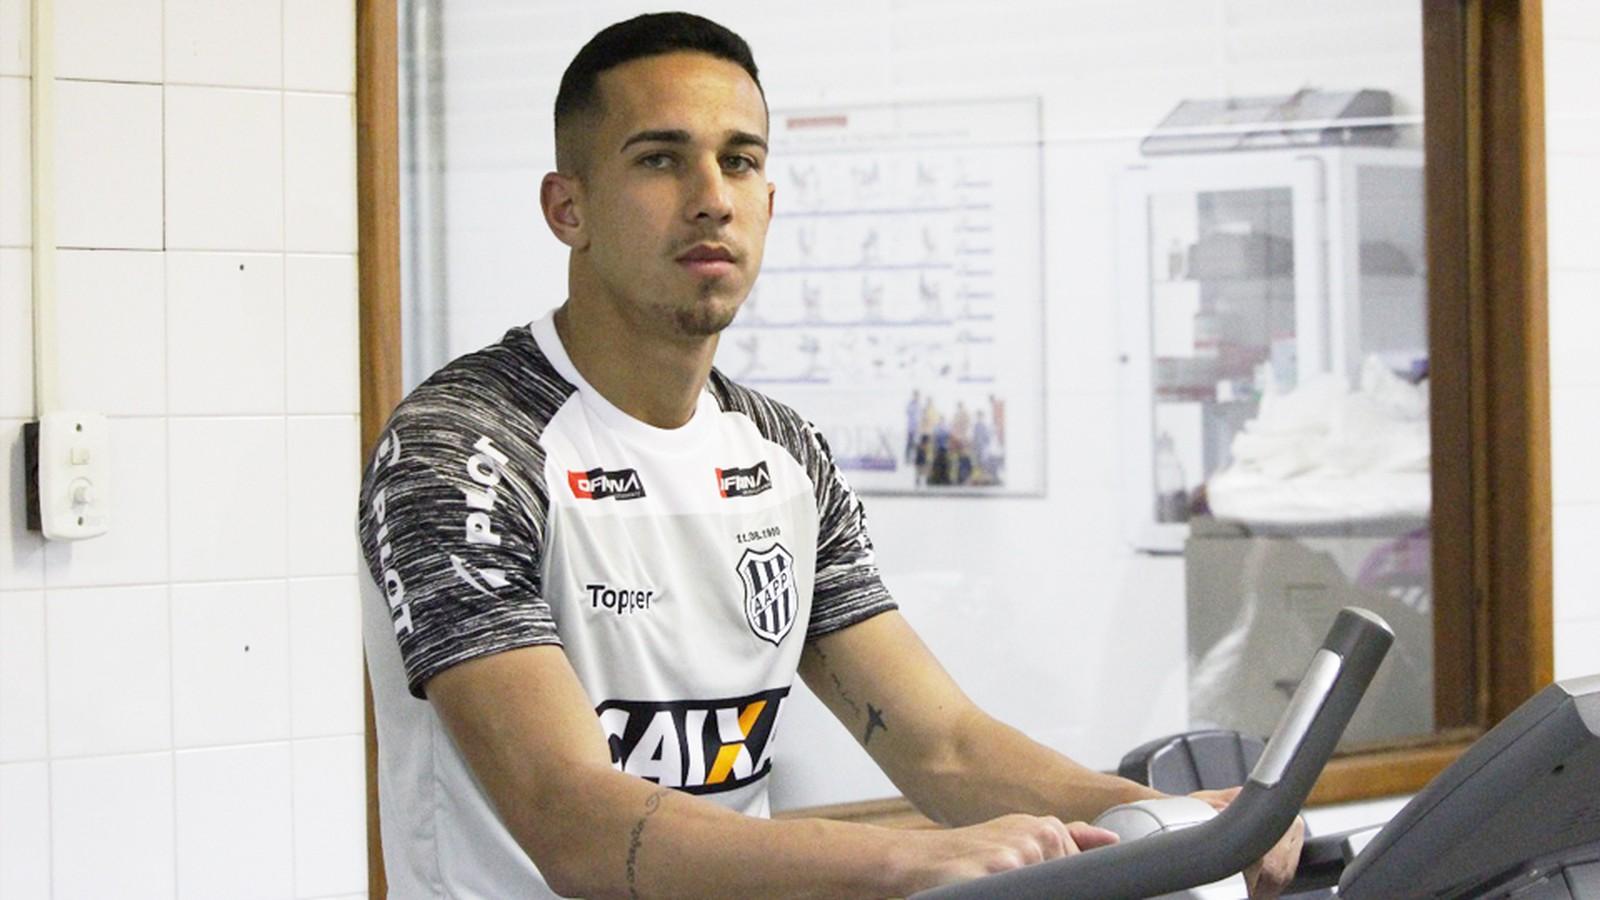 Athletico Paranaense - Página 39 - Paraná - FManager Brasil 99efef163a7da